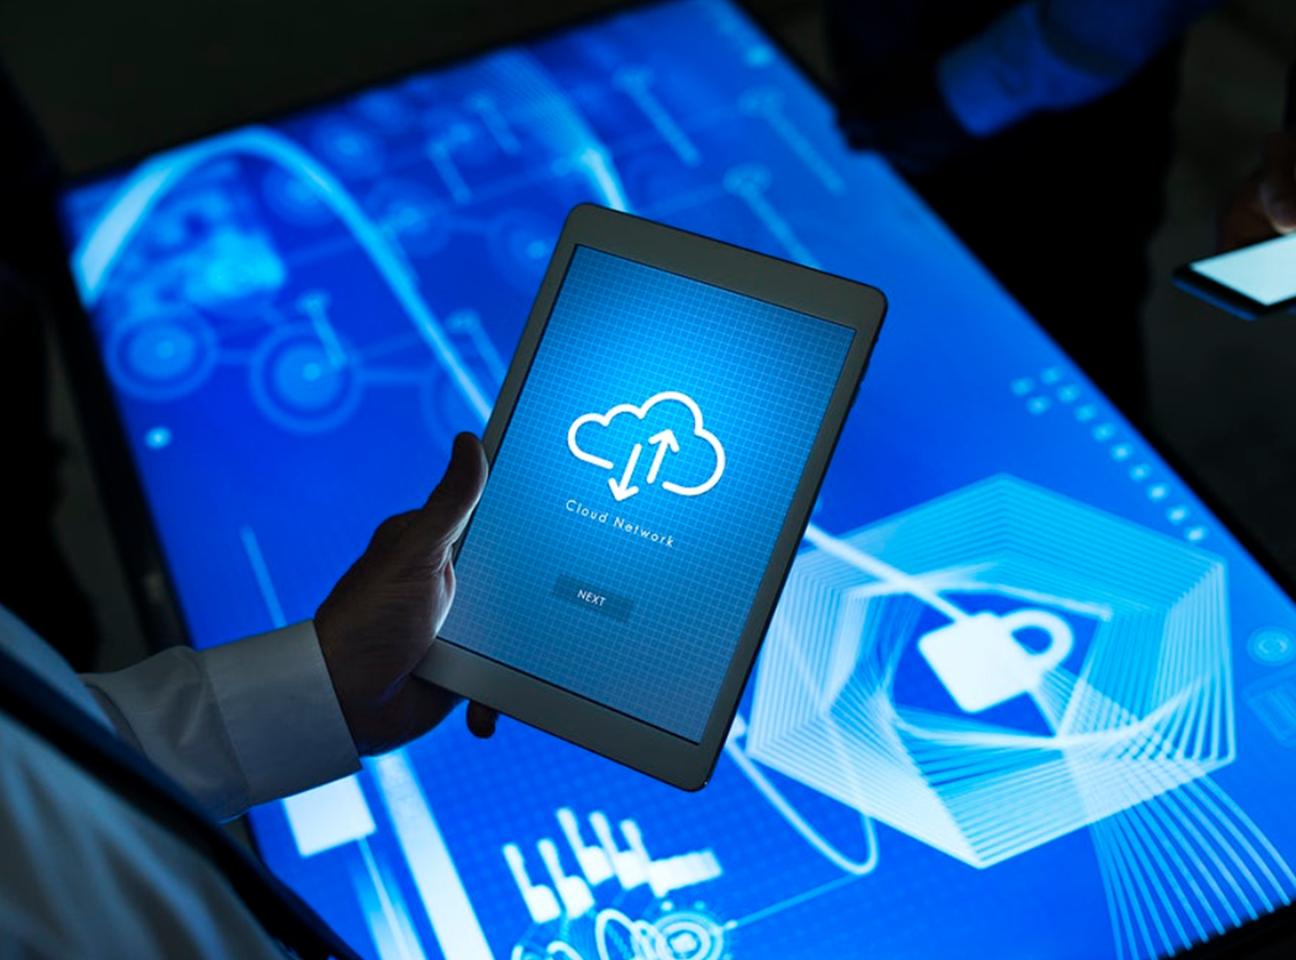 Облачные хранилища данных: доступные и надежные системы для развития бизнеса